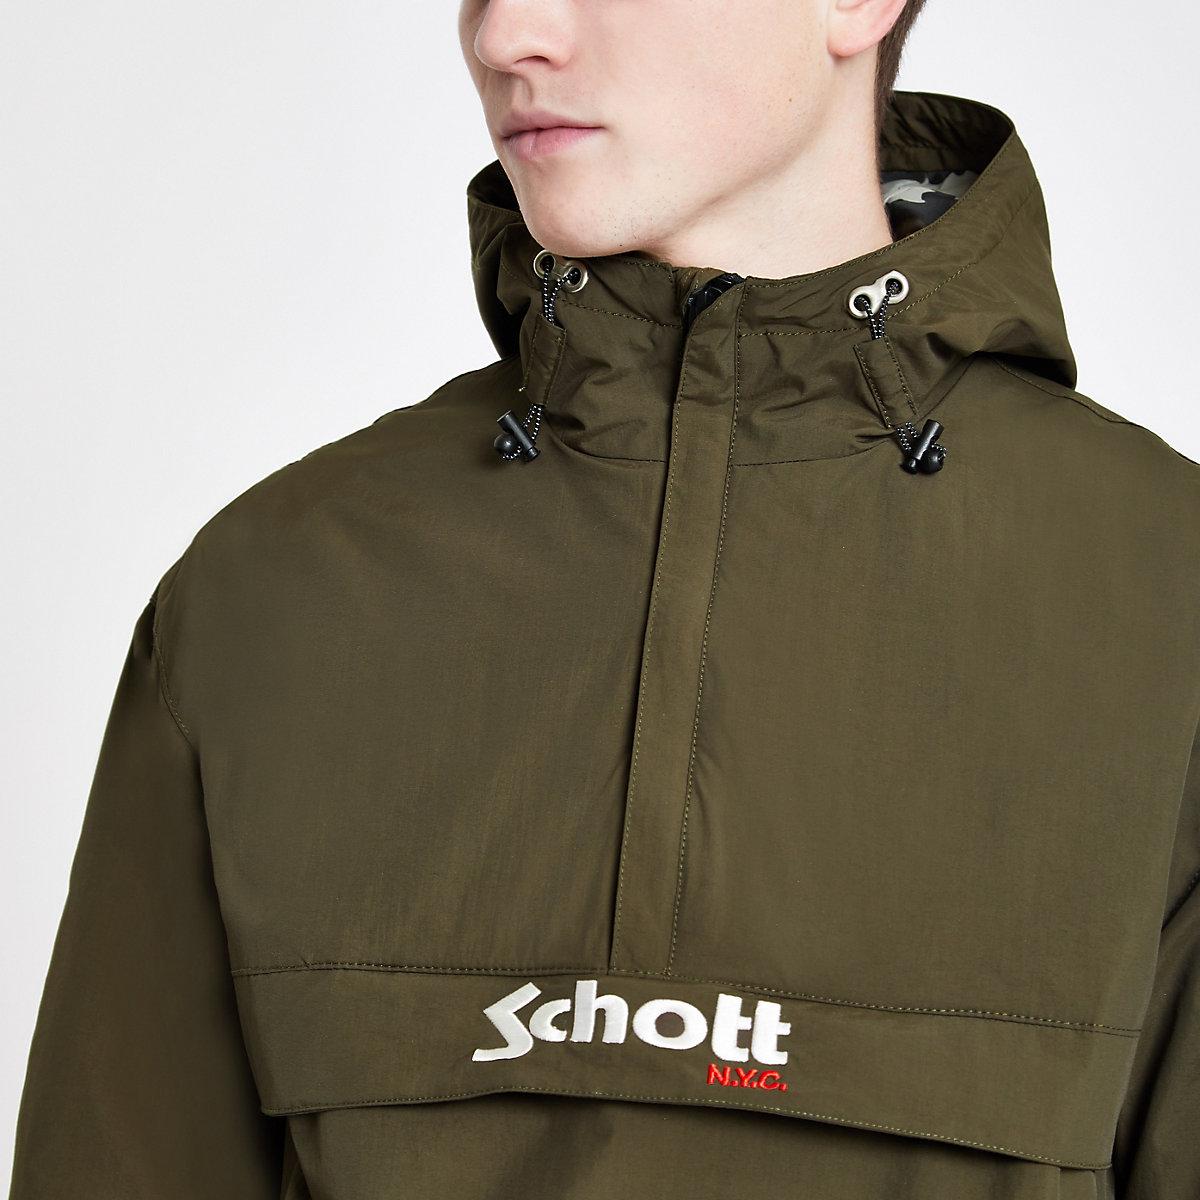 Schott green lightweight hooded jacket